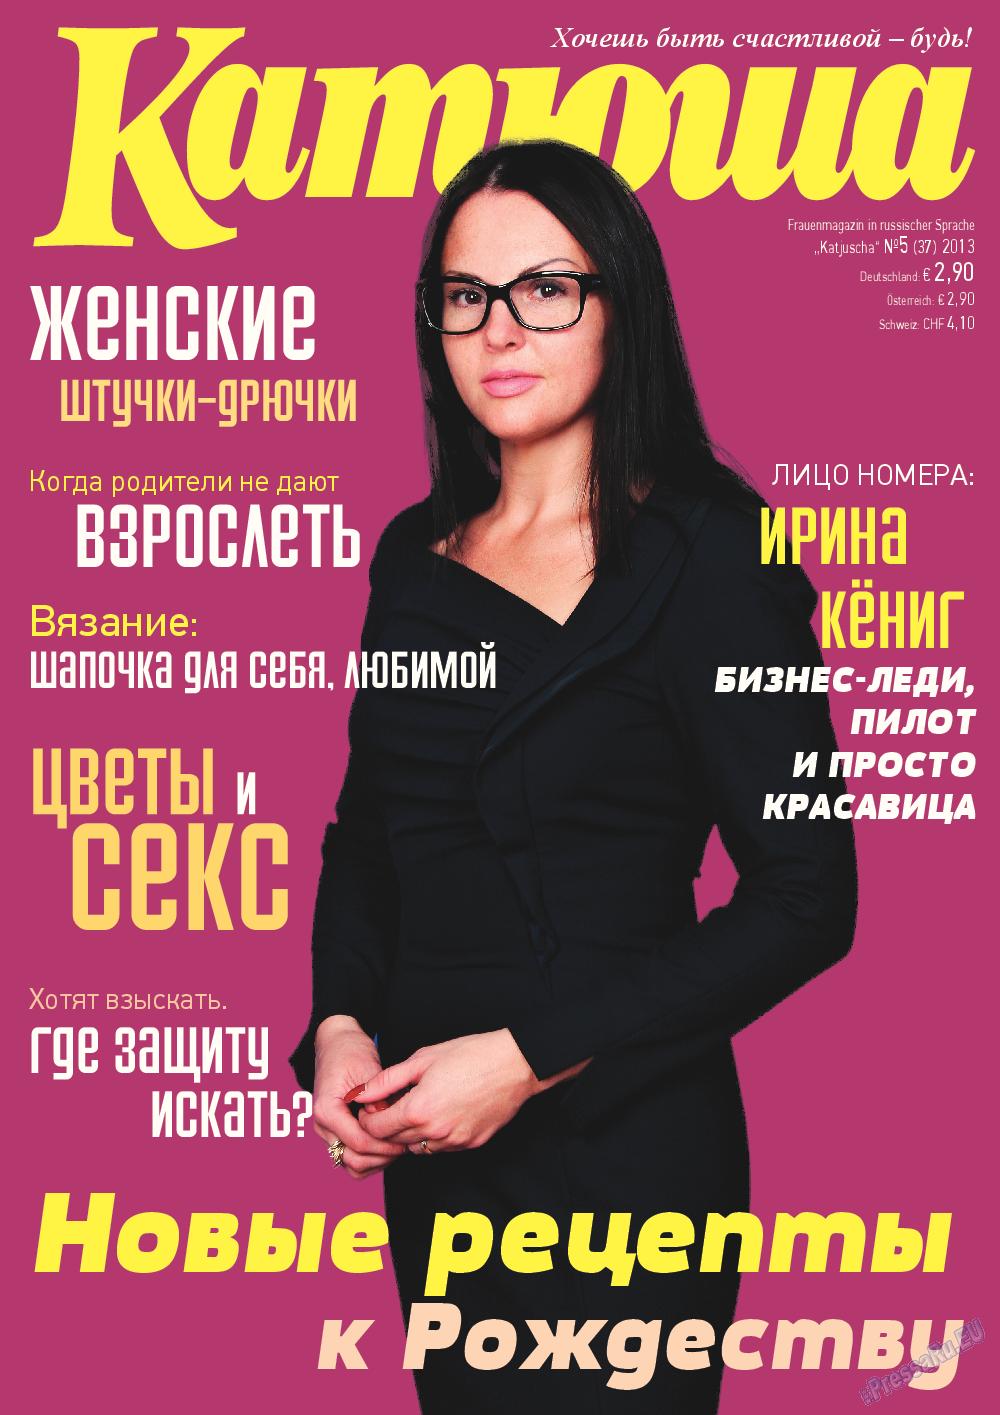 Катюша (журнал). 2013 год, номер 37, стр. 1